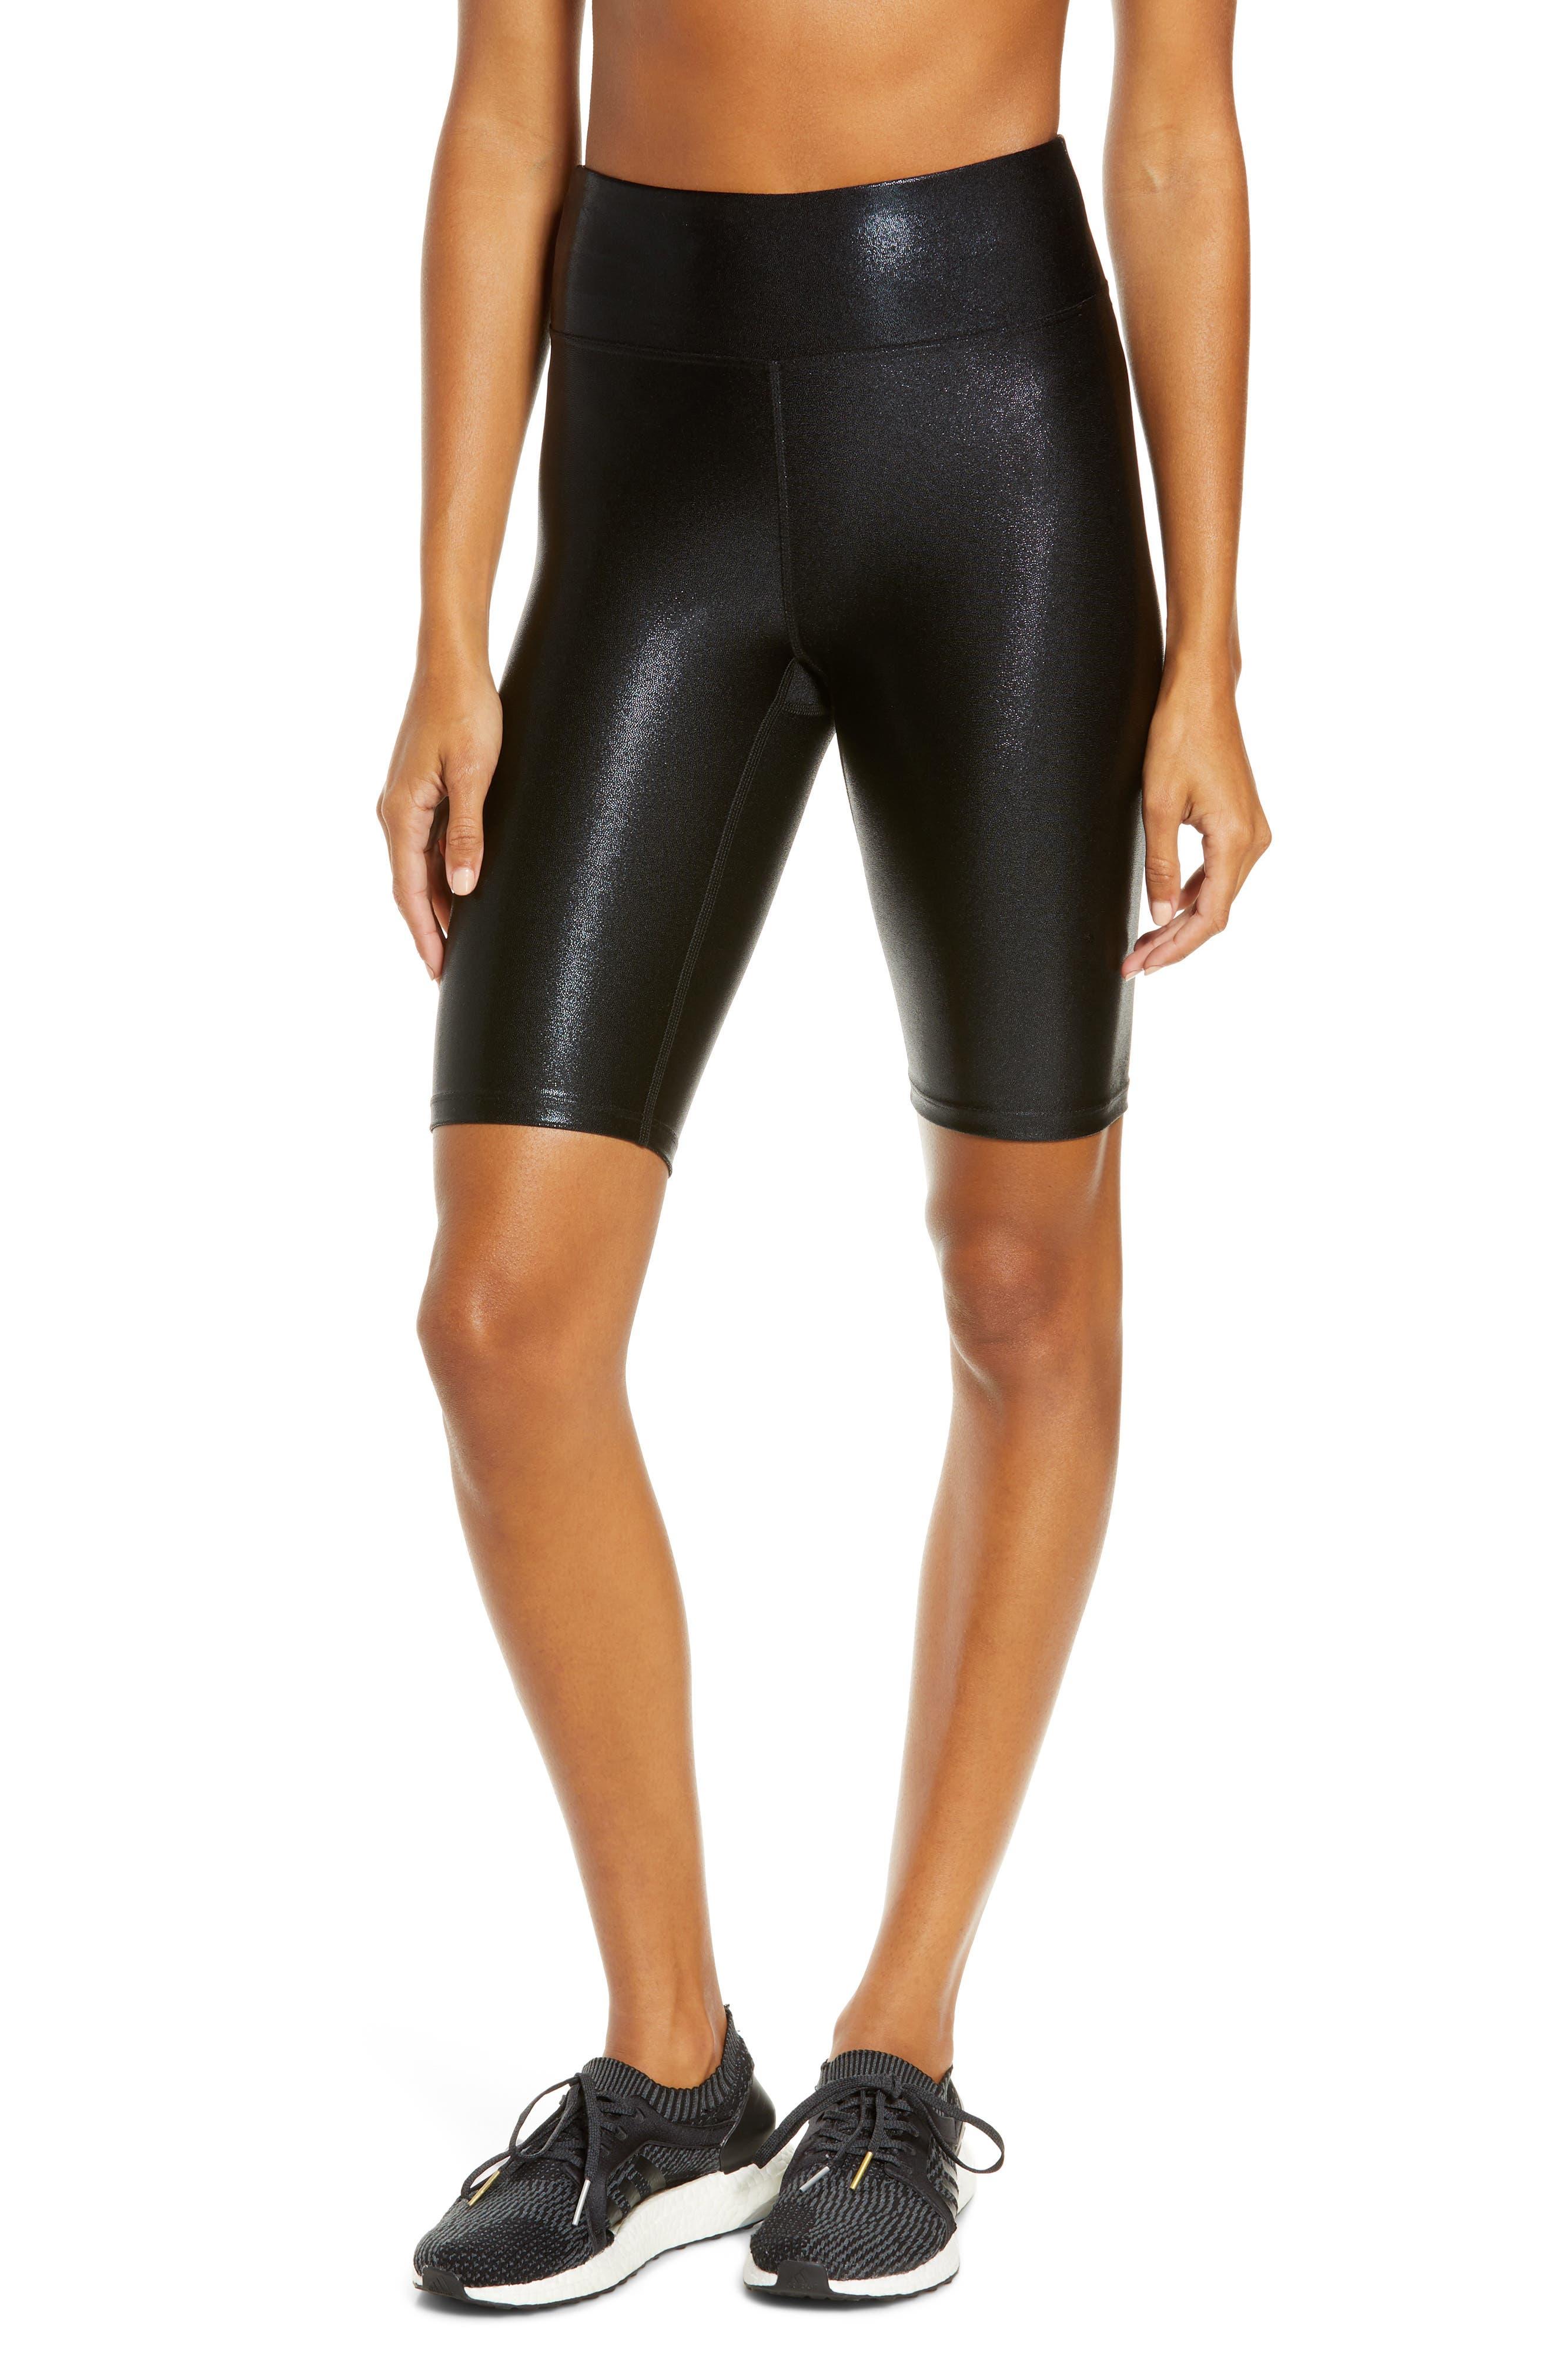 Heroine Sport Women's Heroine Sport Marvel Bike Shorts, Size Medium - Black